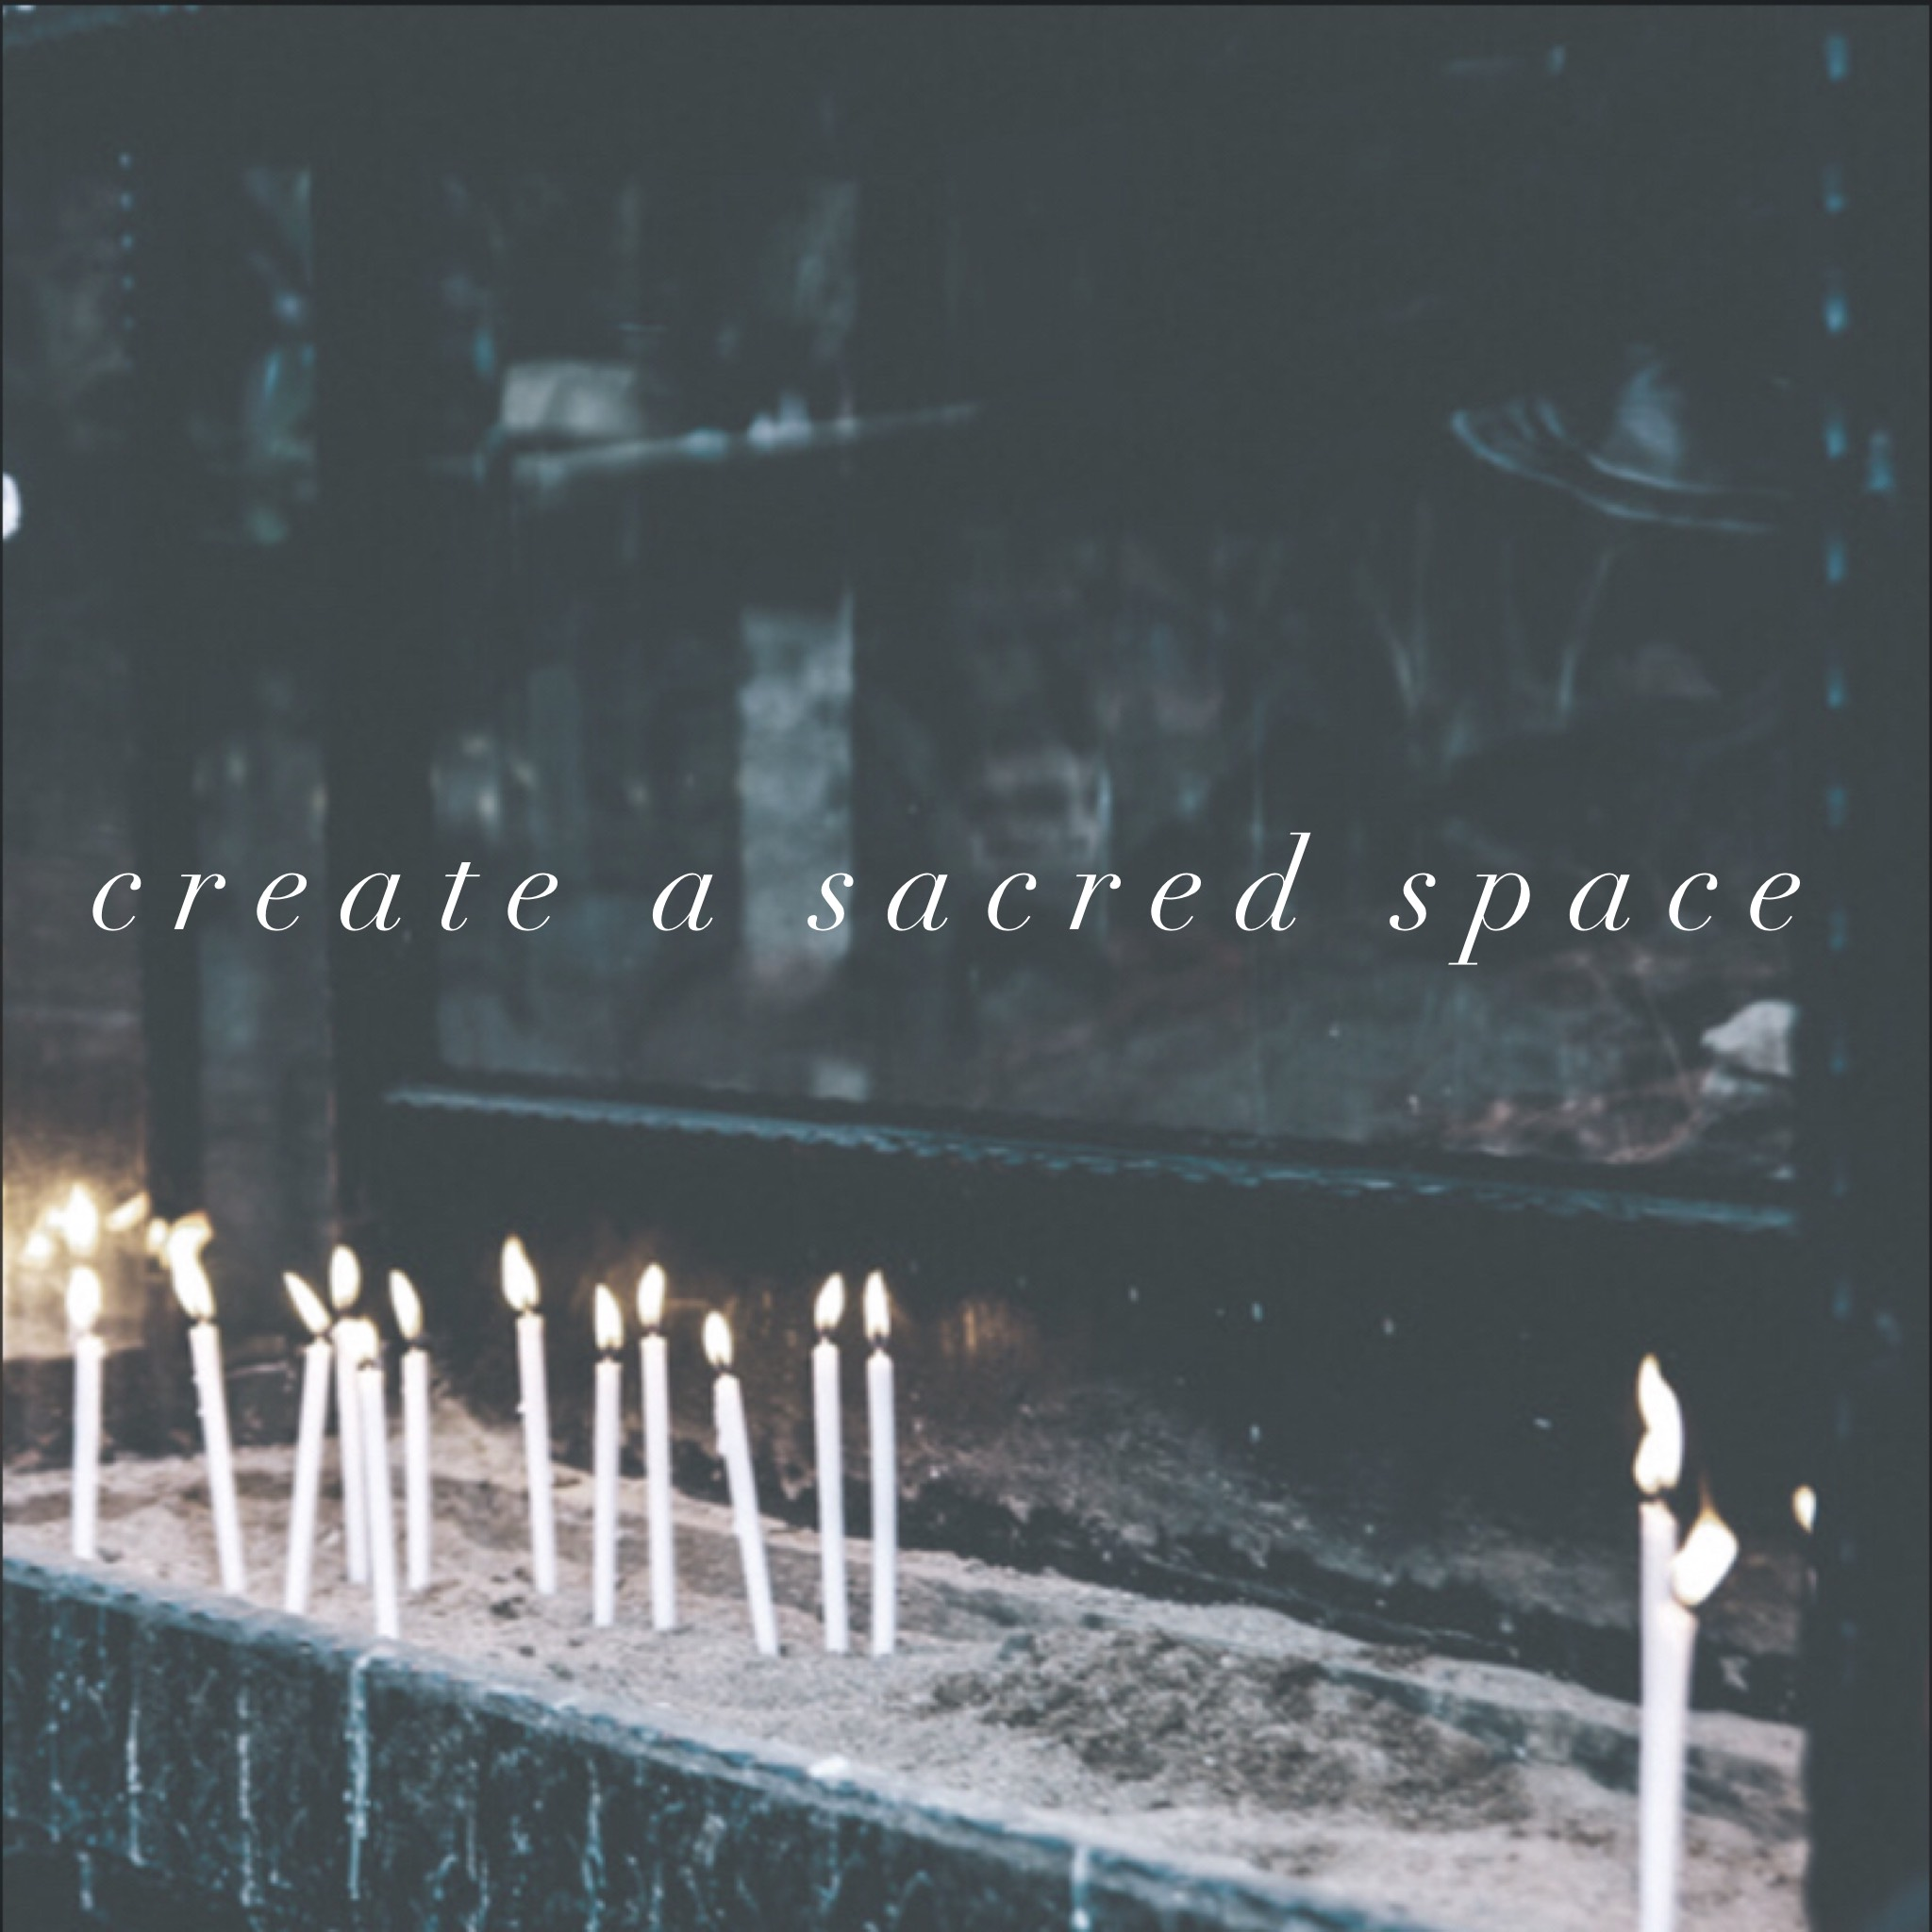 sacred-space.jpg